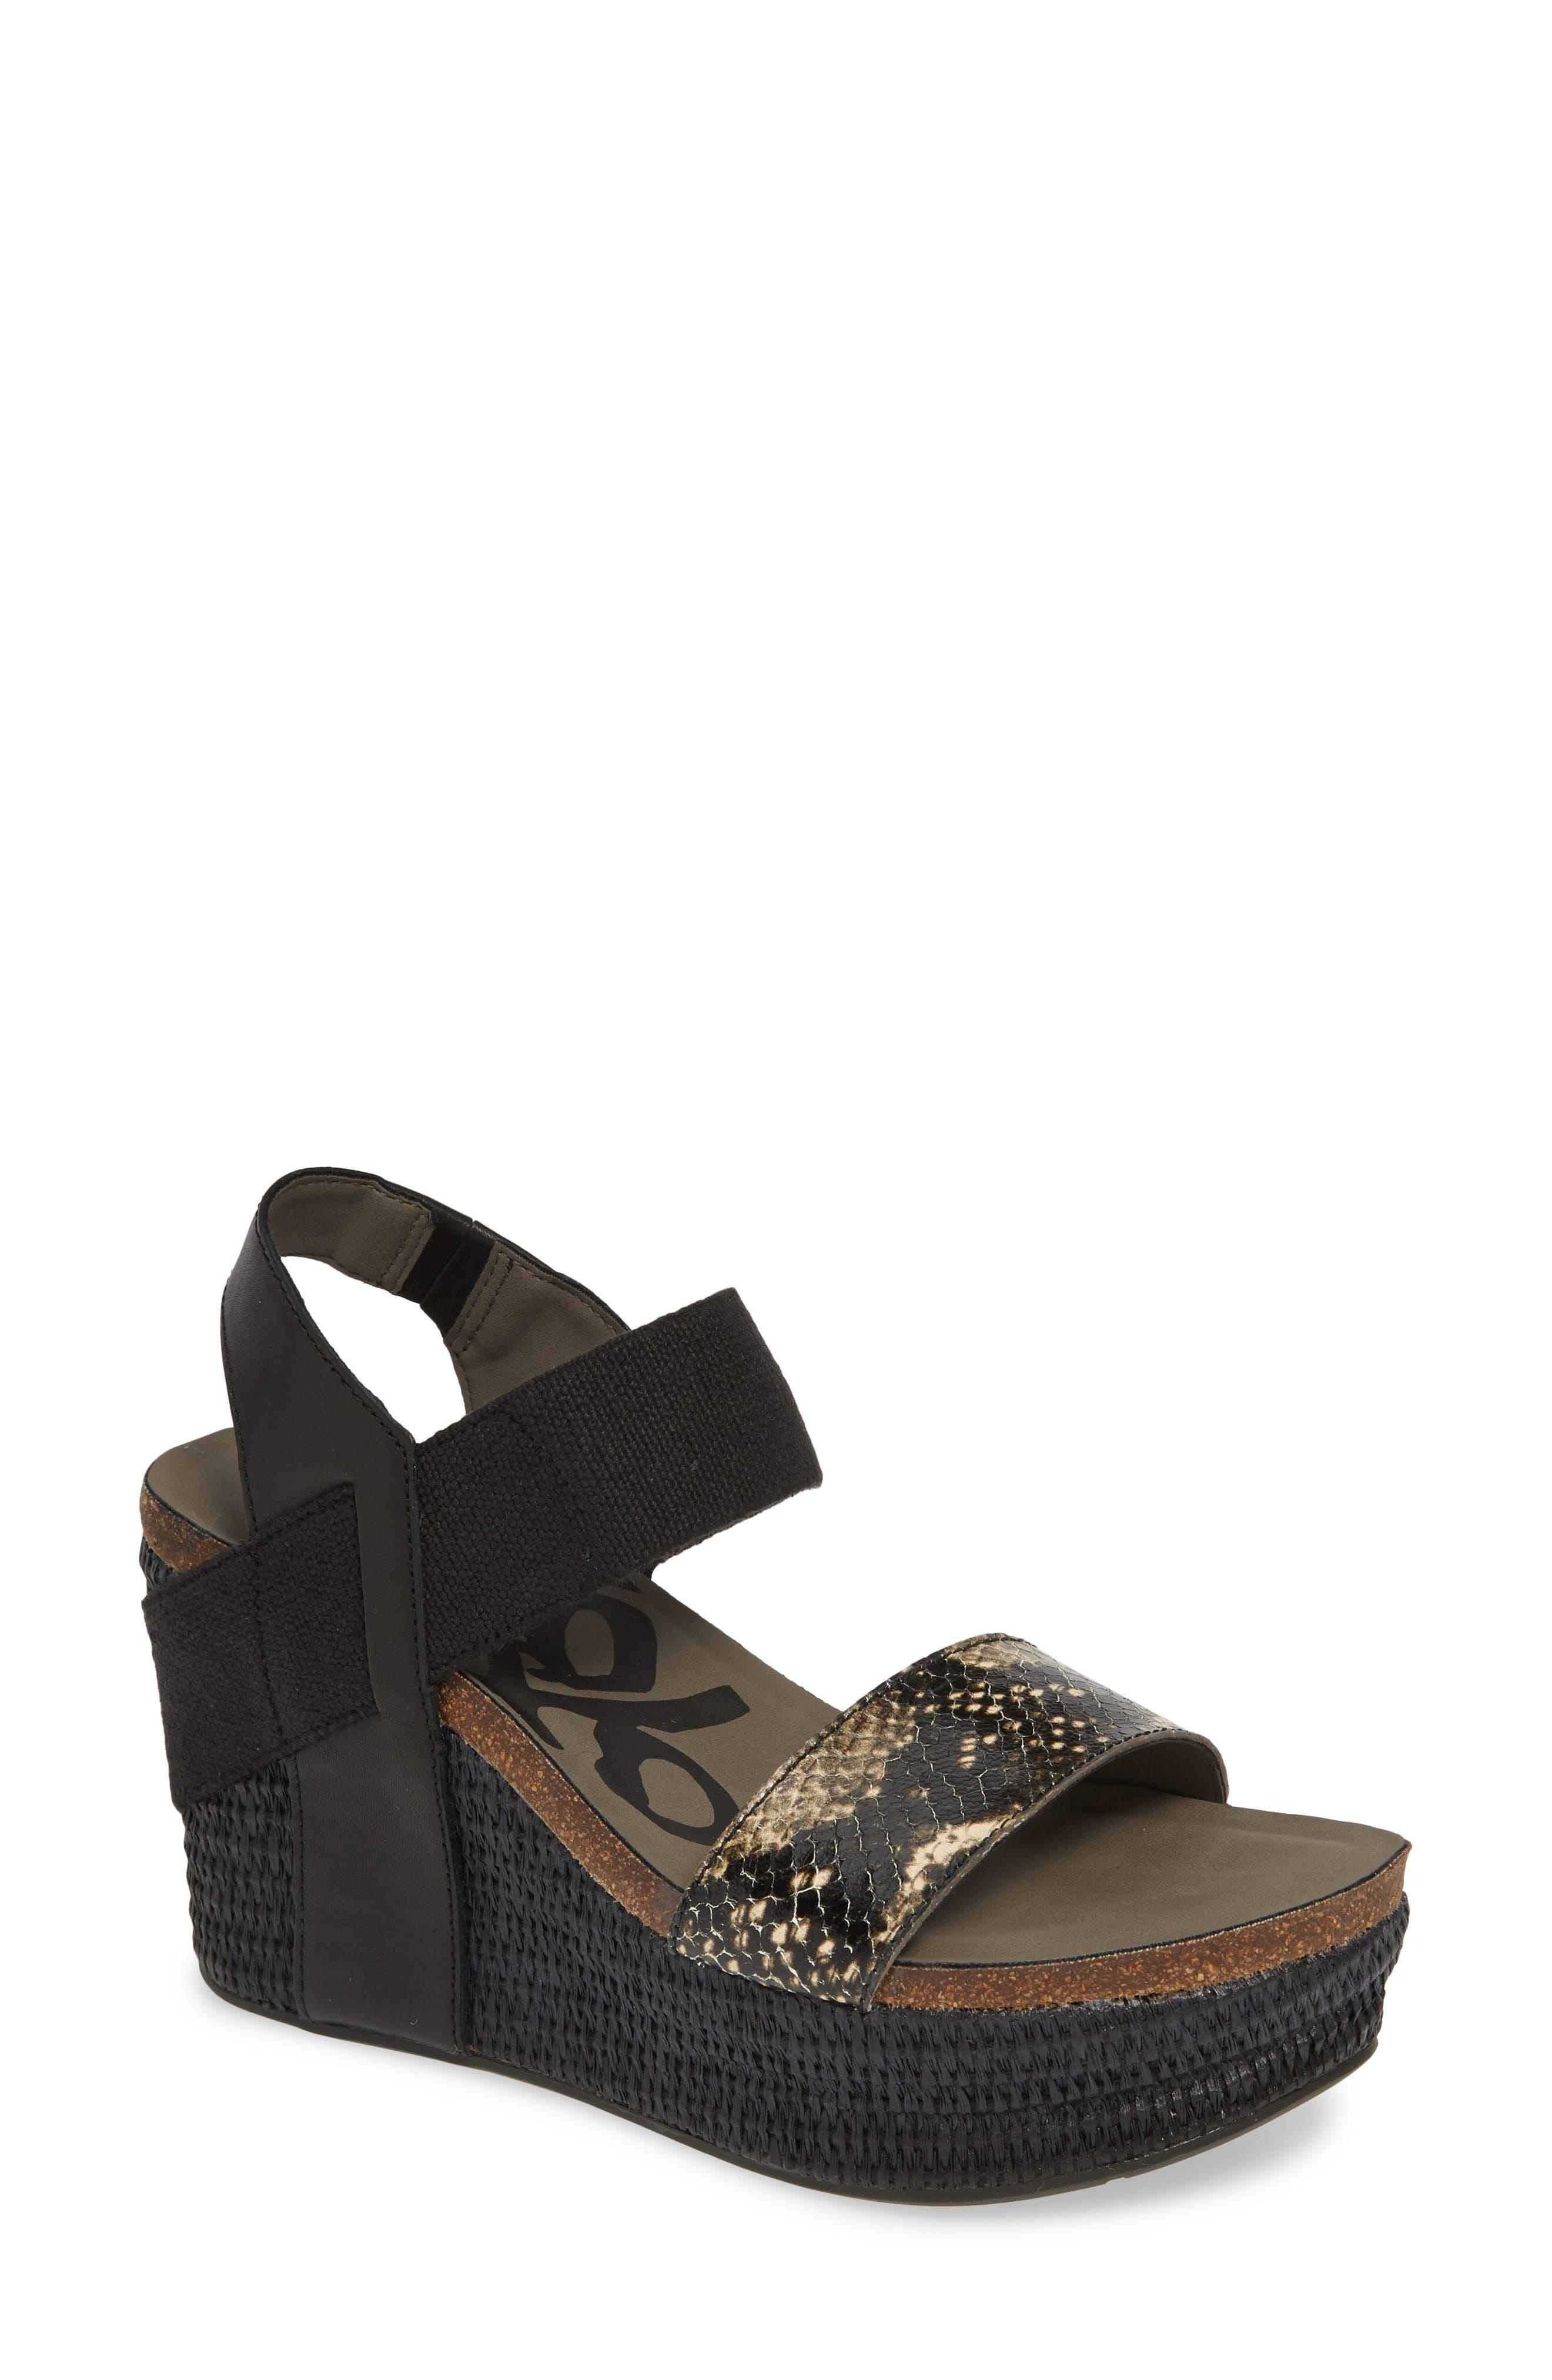 'Bushnell' Wedge Sandal, Main, color, BLACK/ BLACK LEATHER